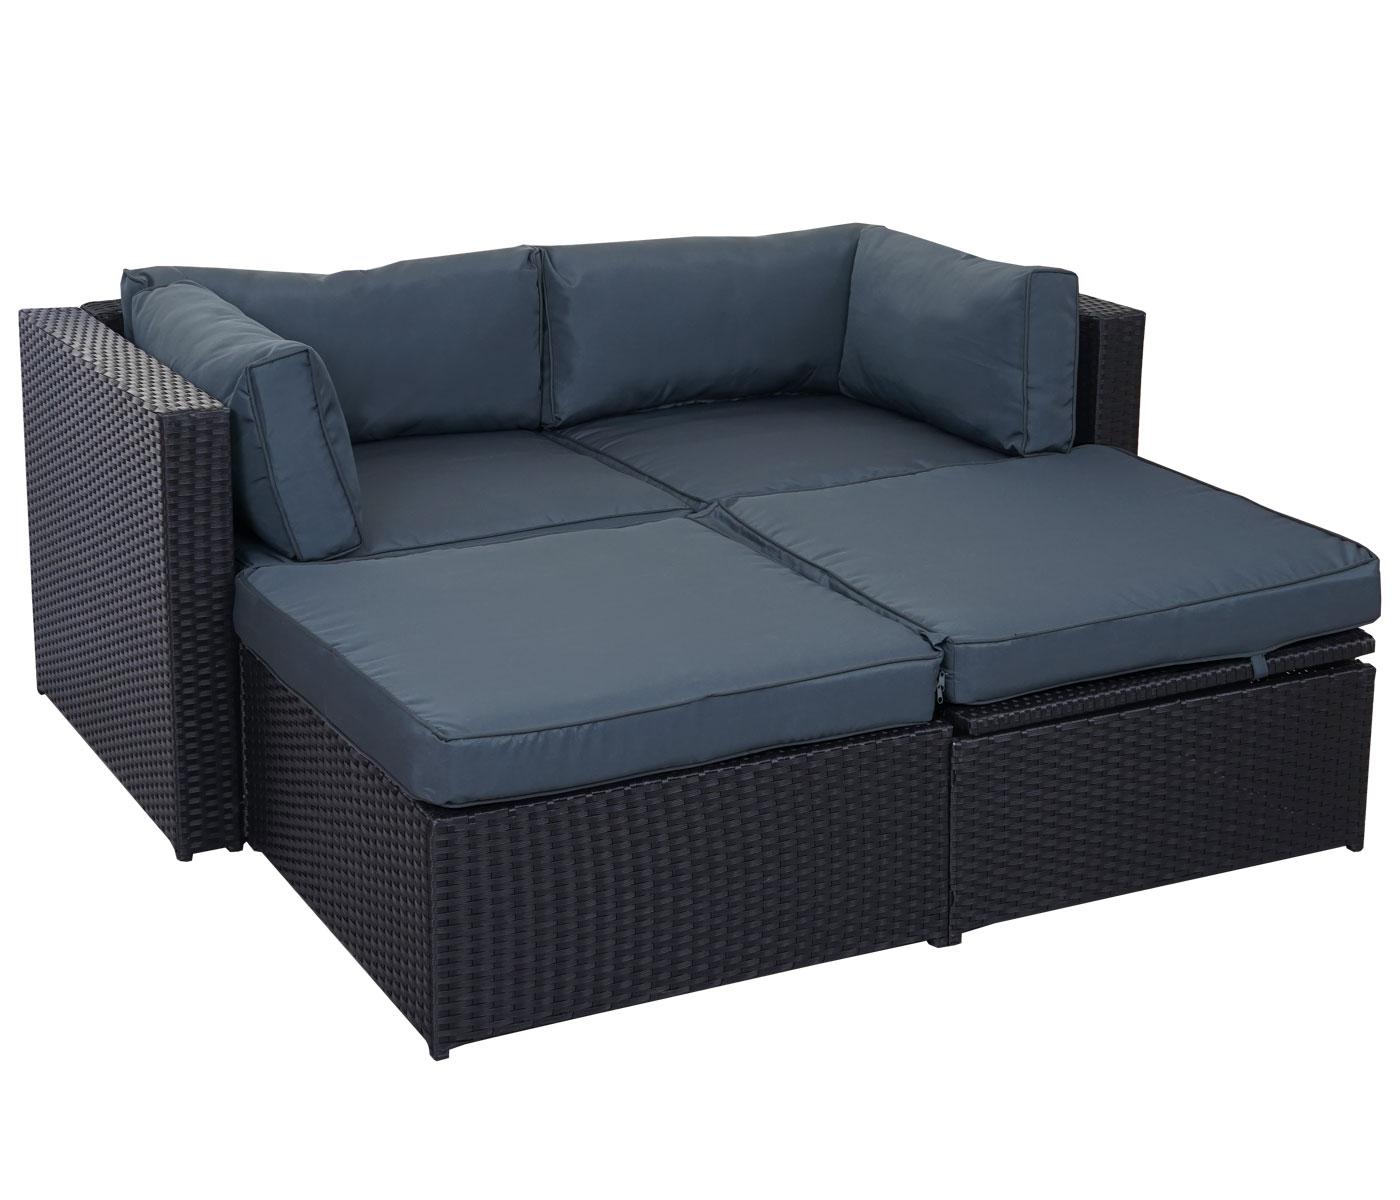 Divano con penisola mobile da esterno adana polyrattan con - Altezza seduta divano ...